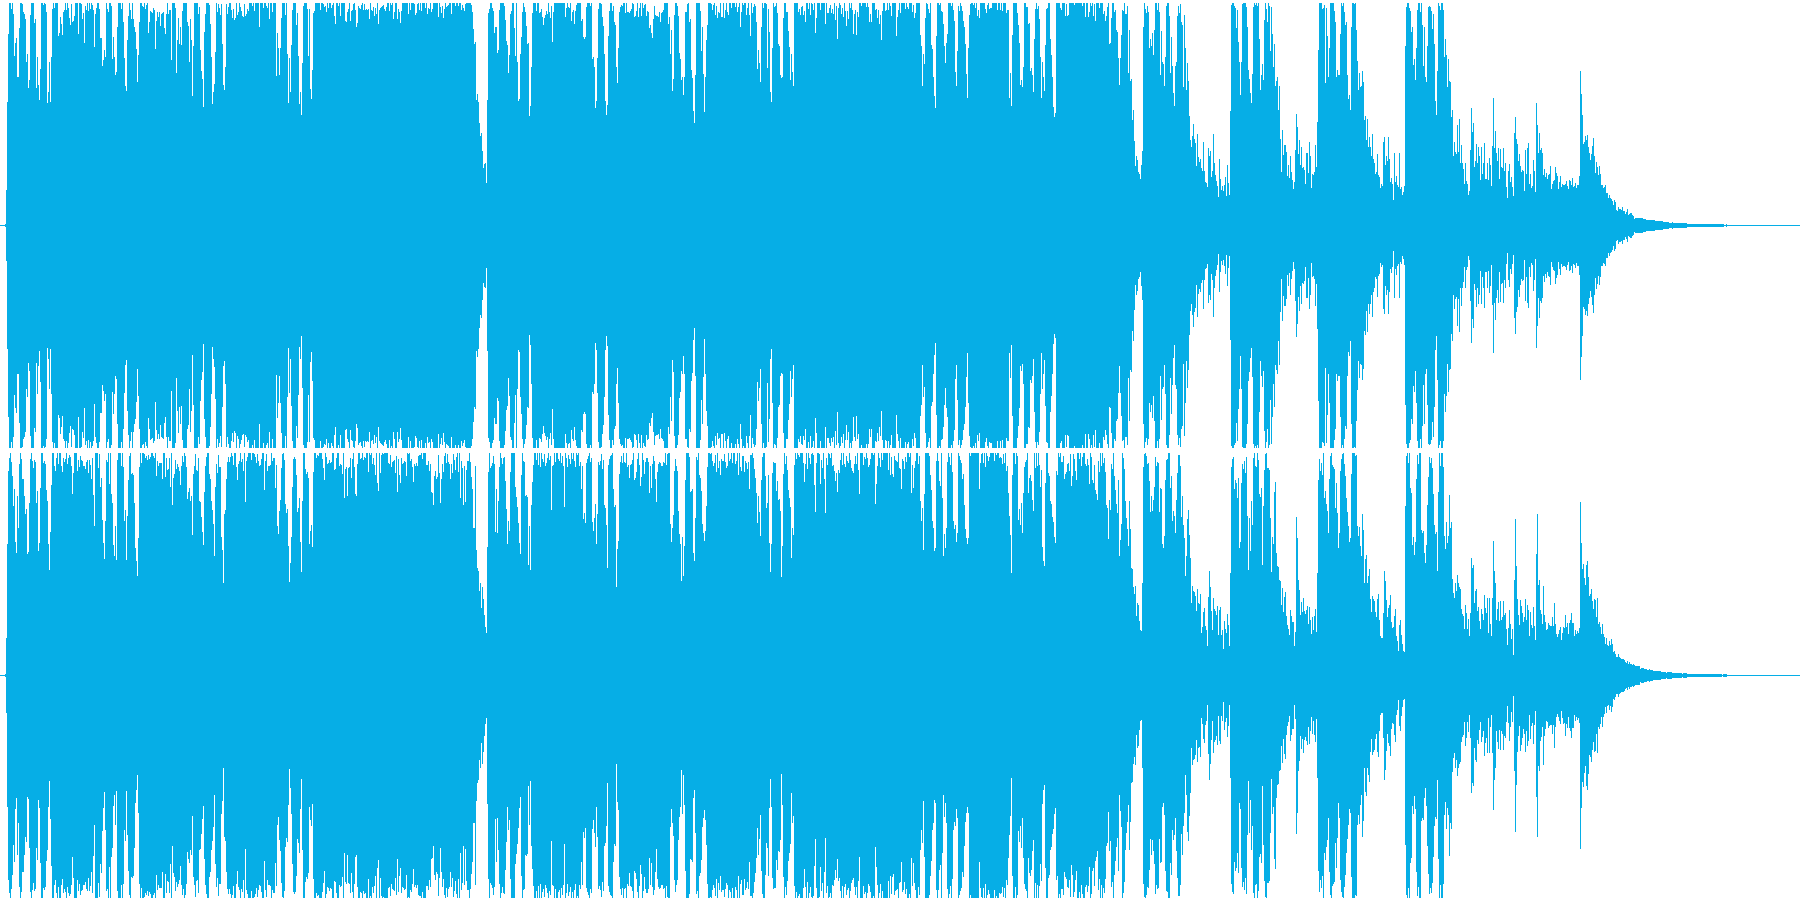 勇ましく壮大な大合唱オーケストラ 凱歌の再生済みの波形